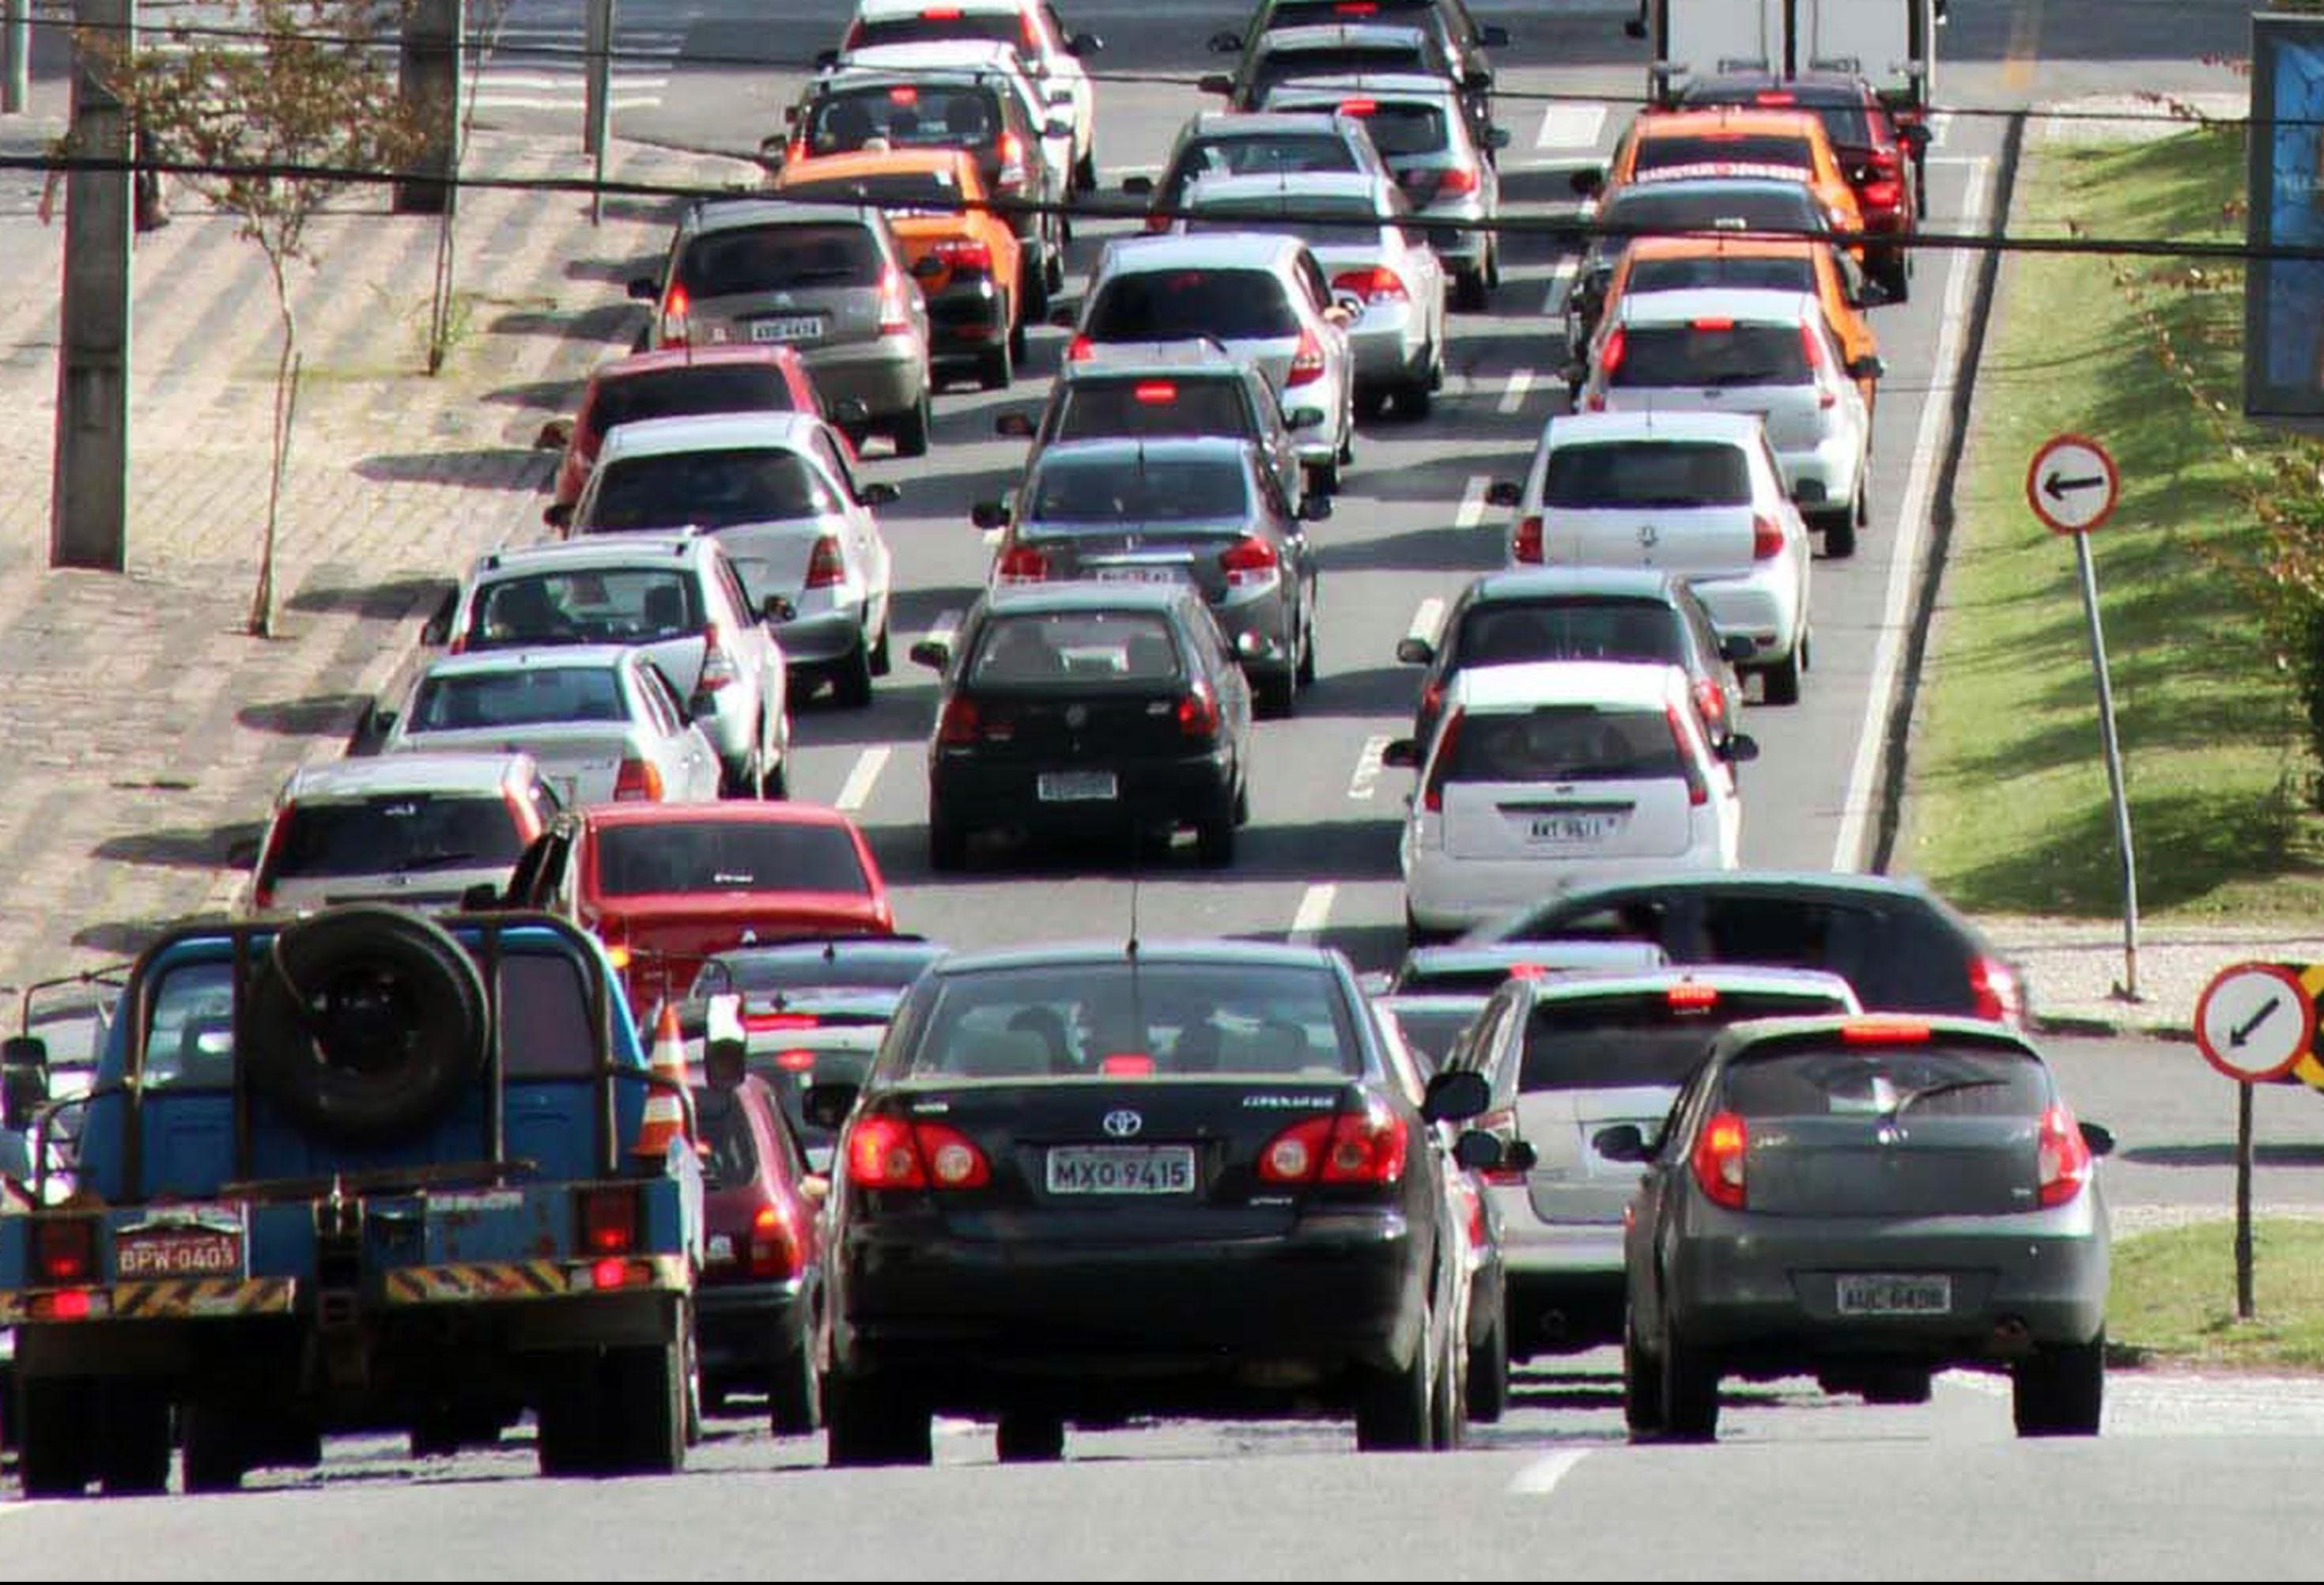 Em março, o número de multas de trânsito foi quatro vezes maior do que em janeiro